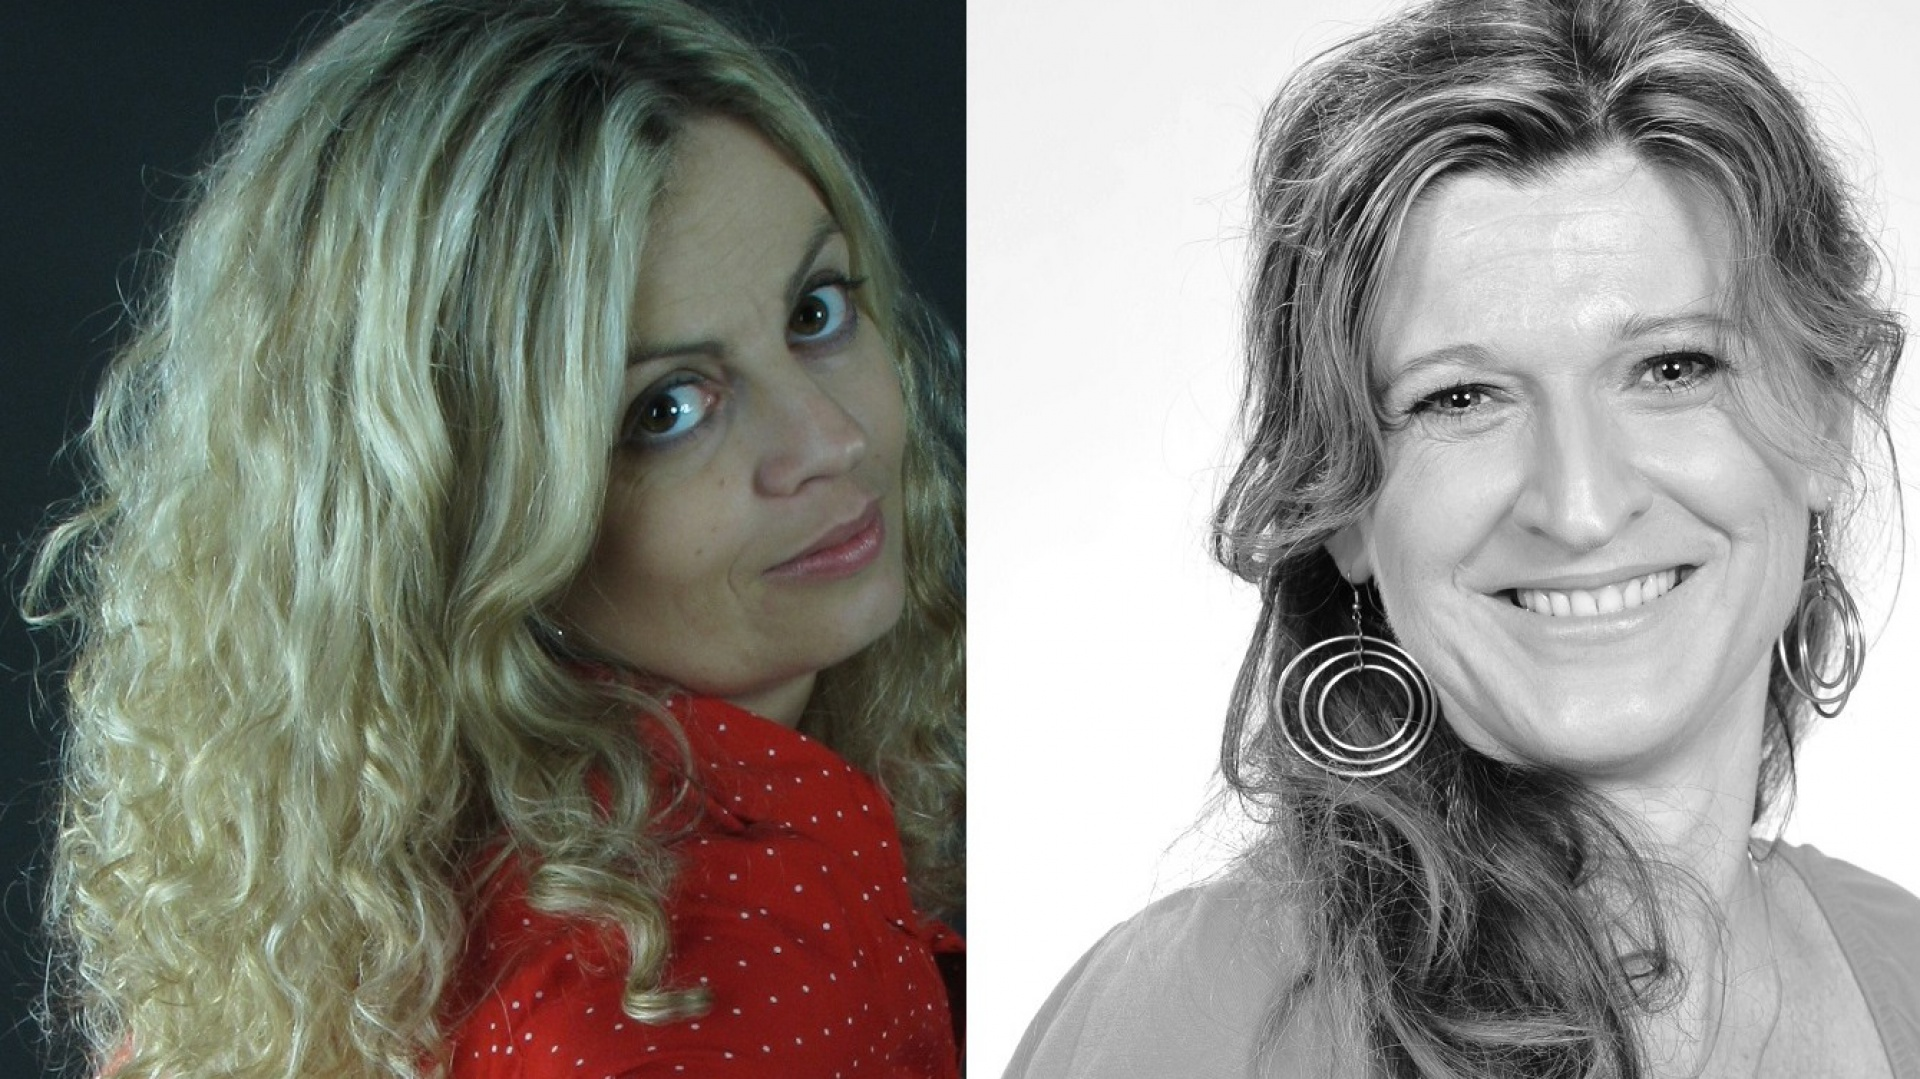 Agata Balińska z pracowni Balińska Wnętrza oraz Gosia Goś z pracowni GG-Design. Fot. Archiwum projektantek